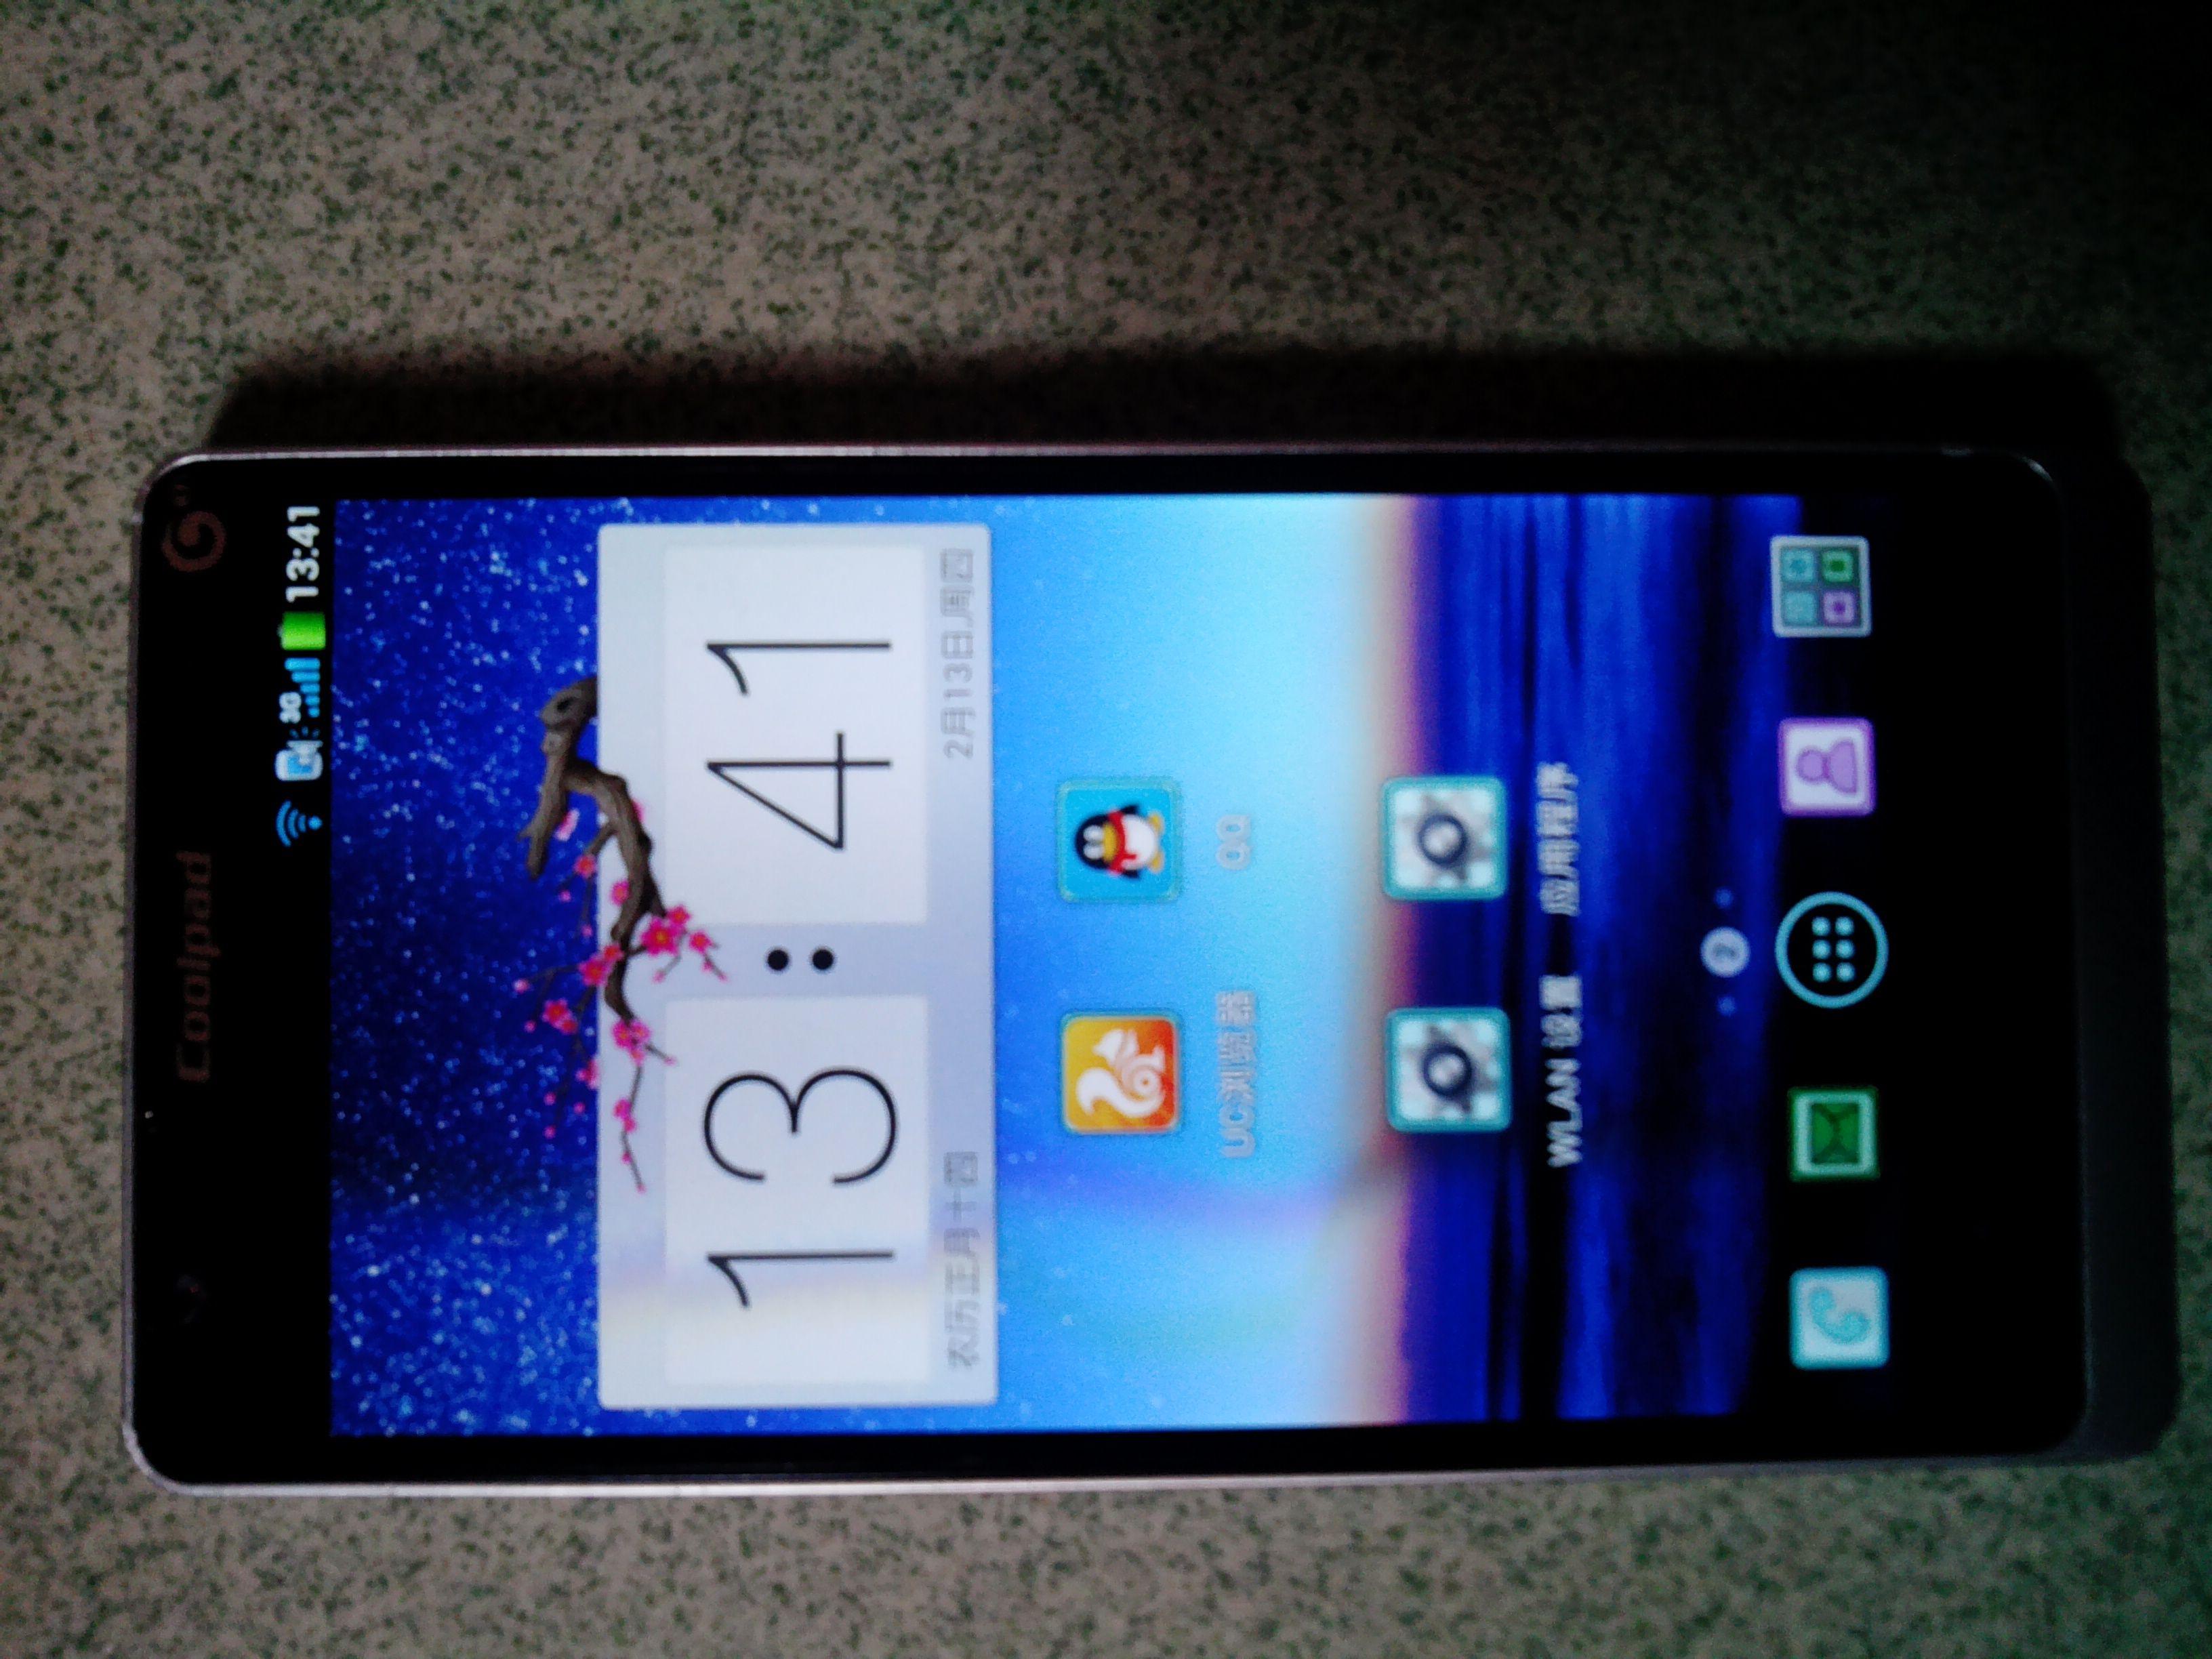 酷派8720l手机塑料壳 酷派大神8720l手机壳图片